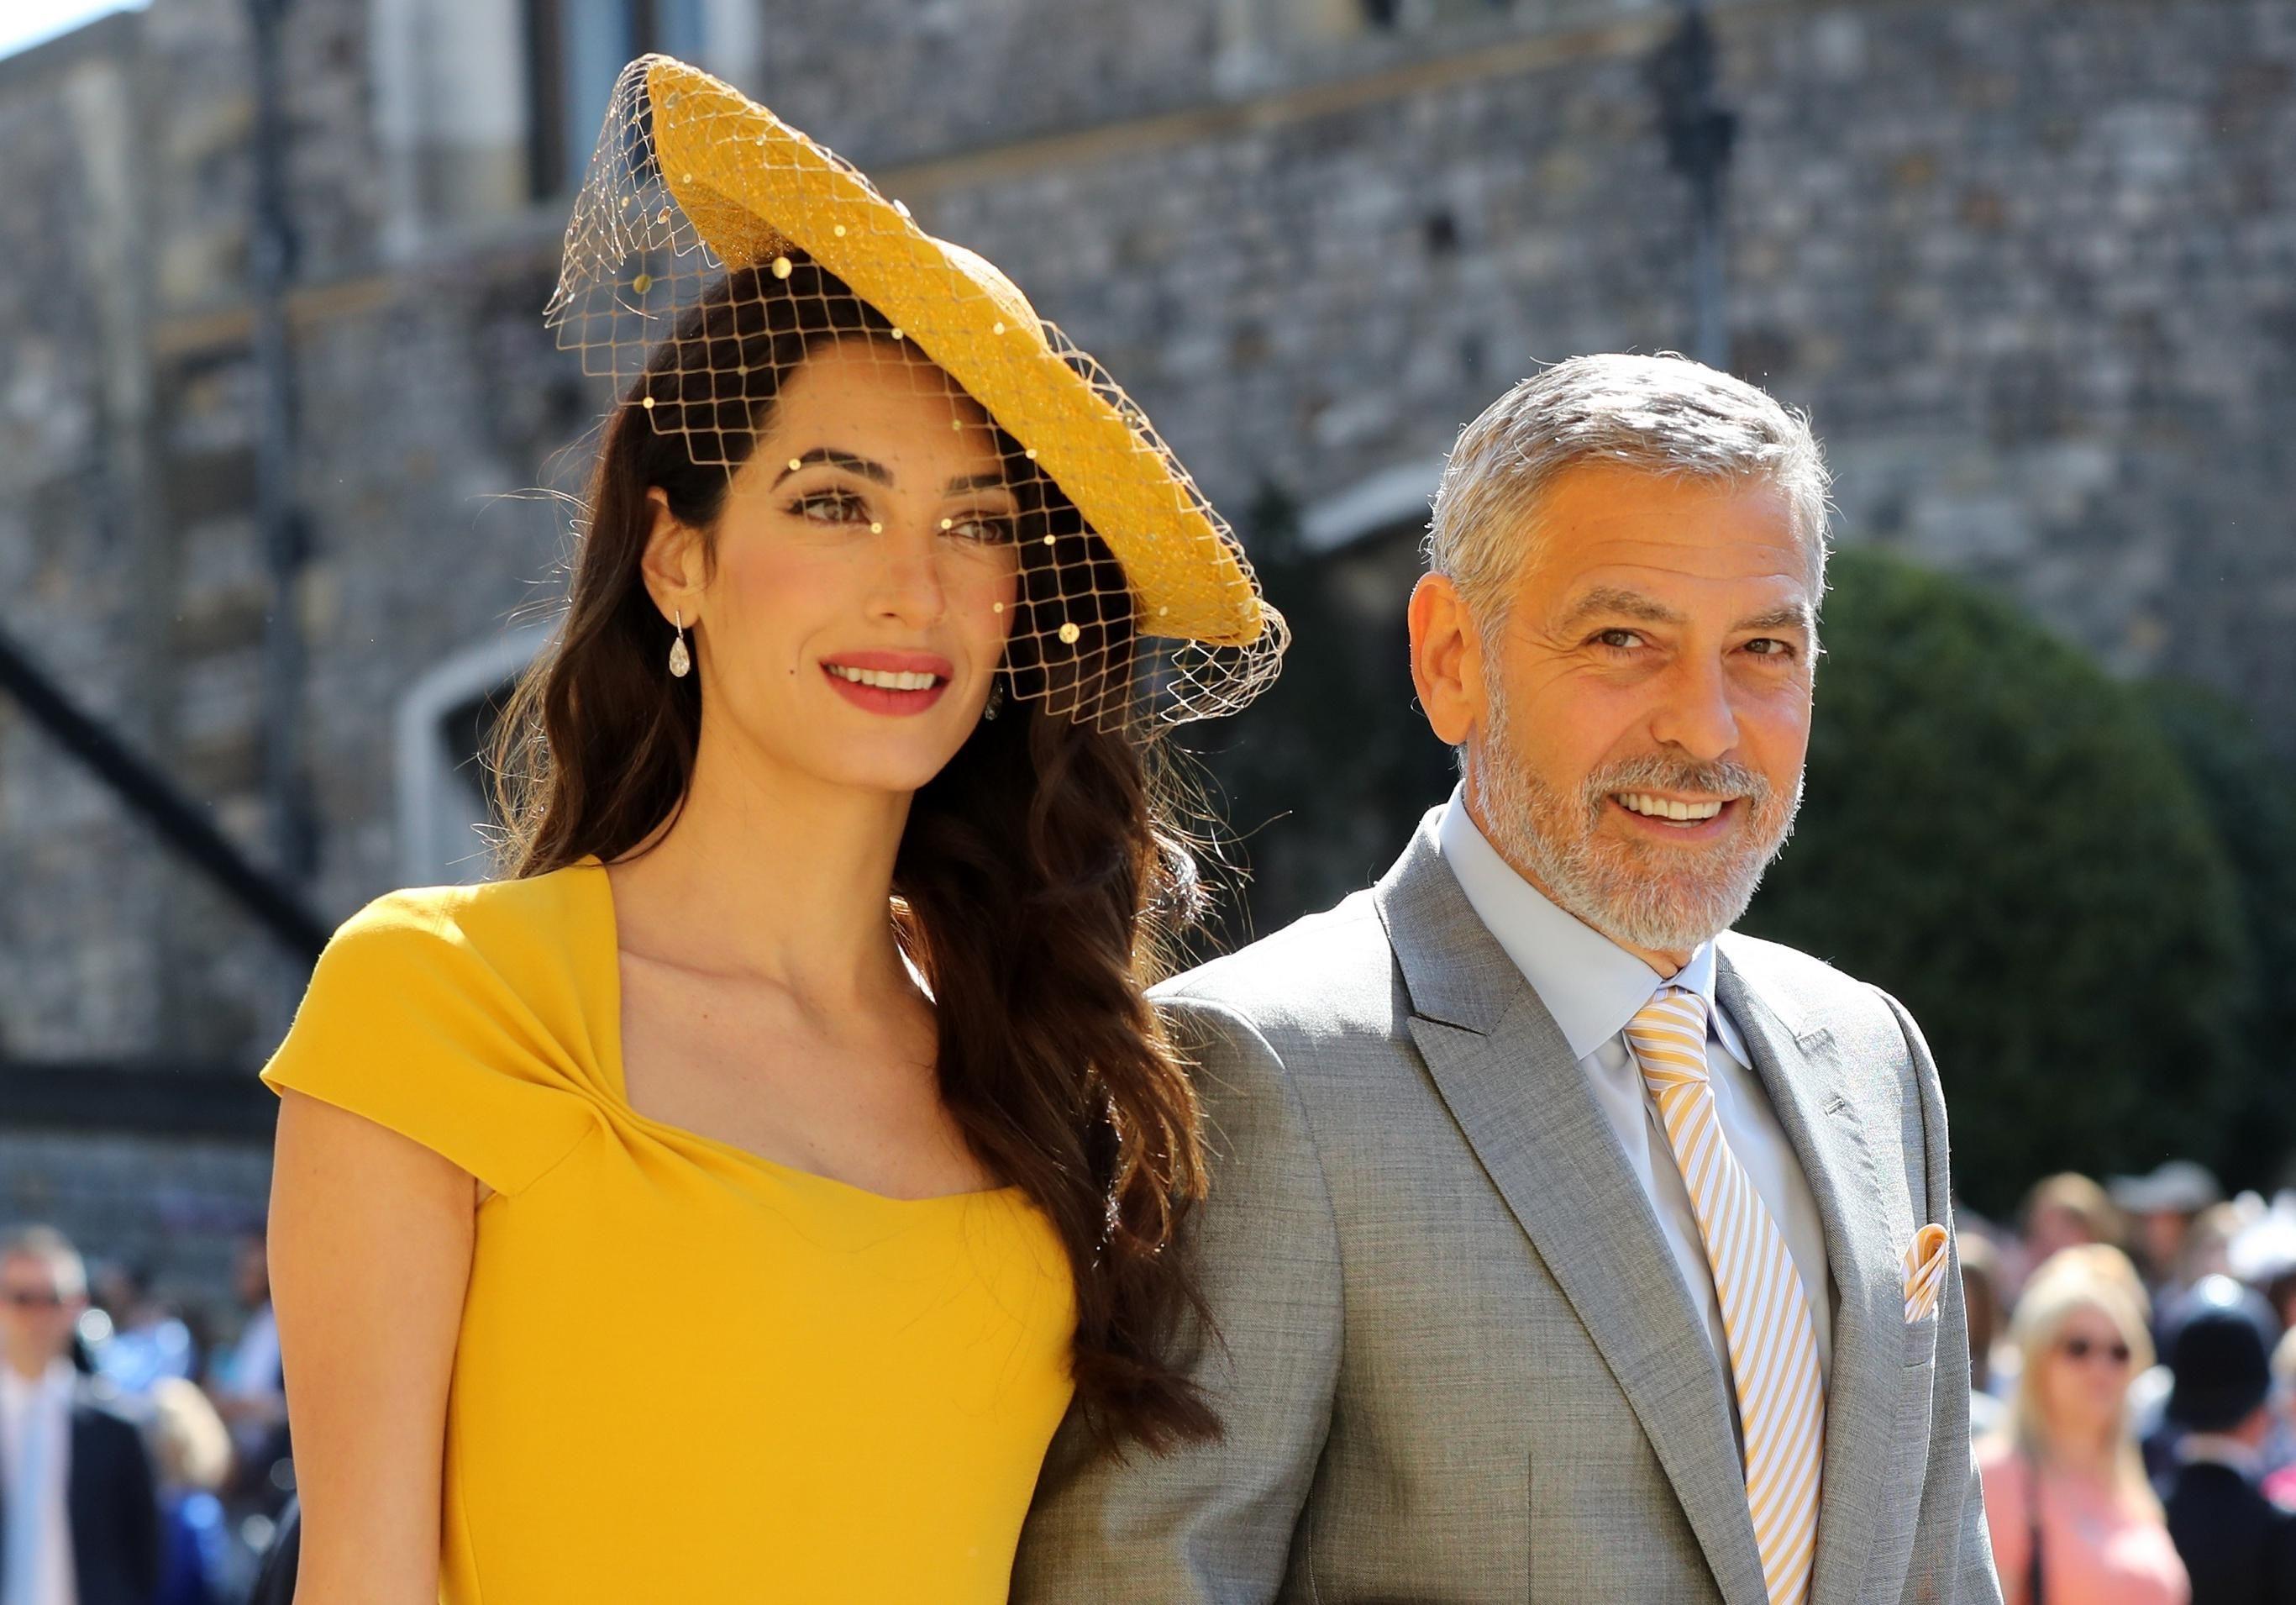 Amal Clooney : son coiffeur révèle les secrets de son sublime beauty look affiché au Mariage de Meghan et Harry